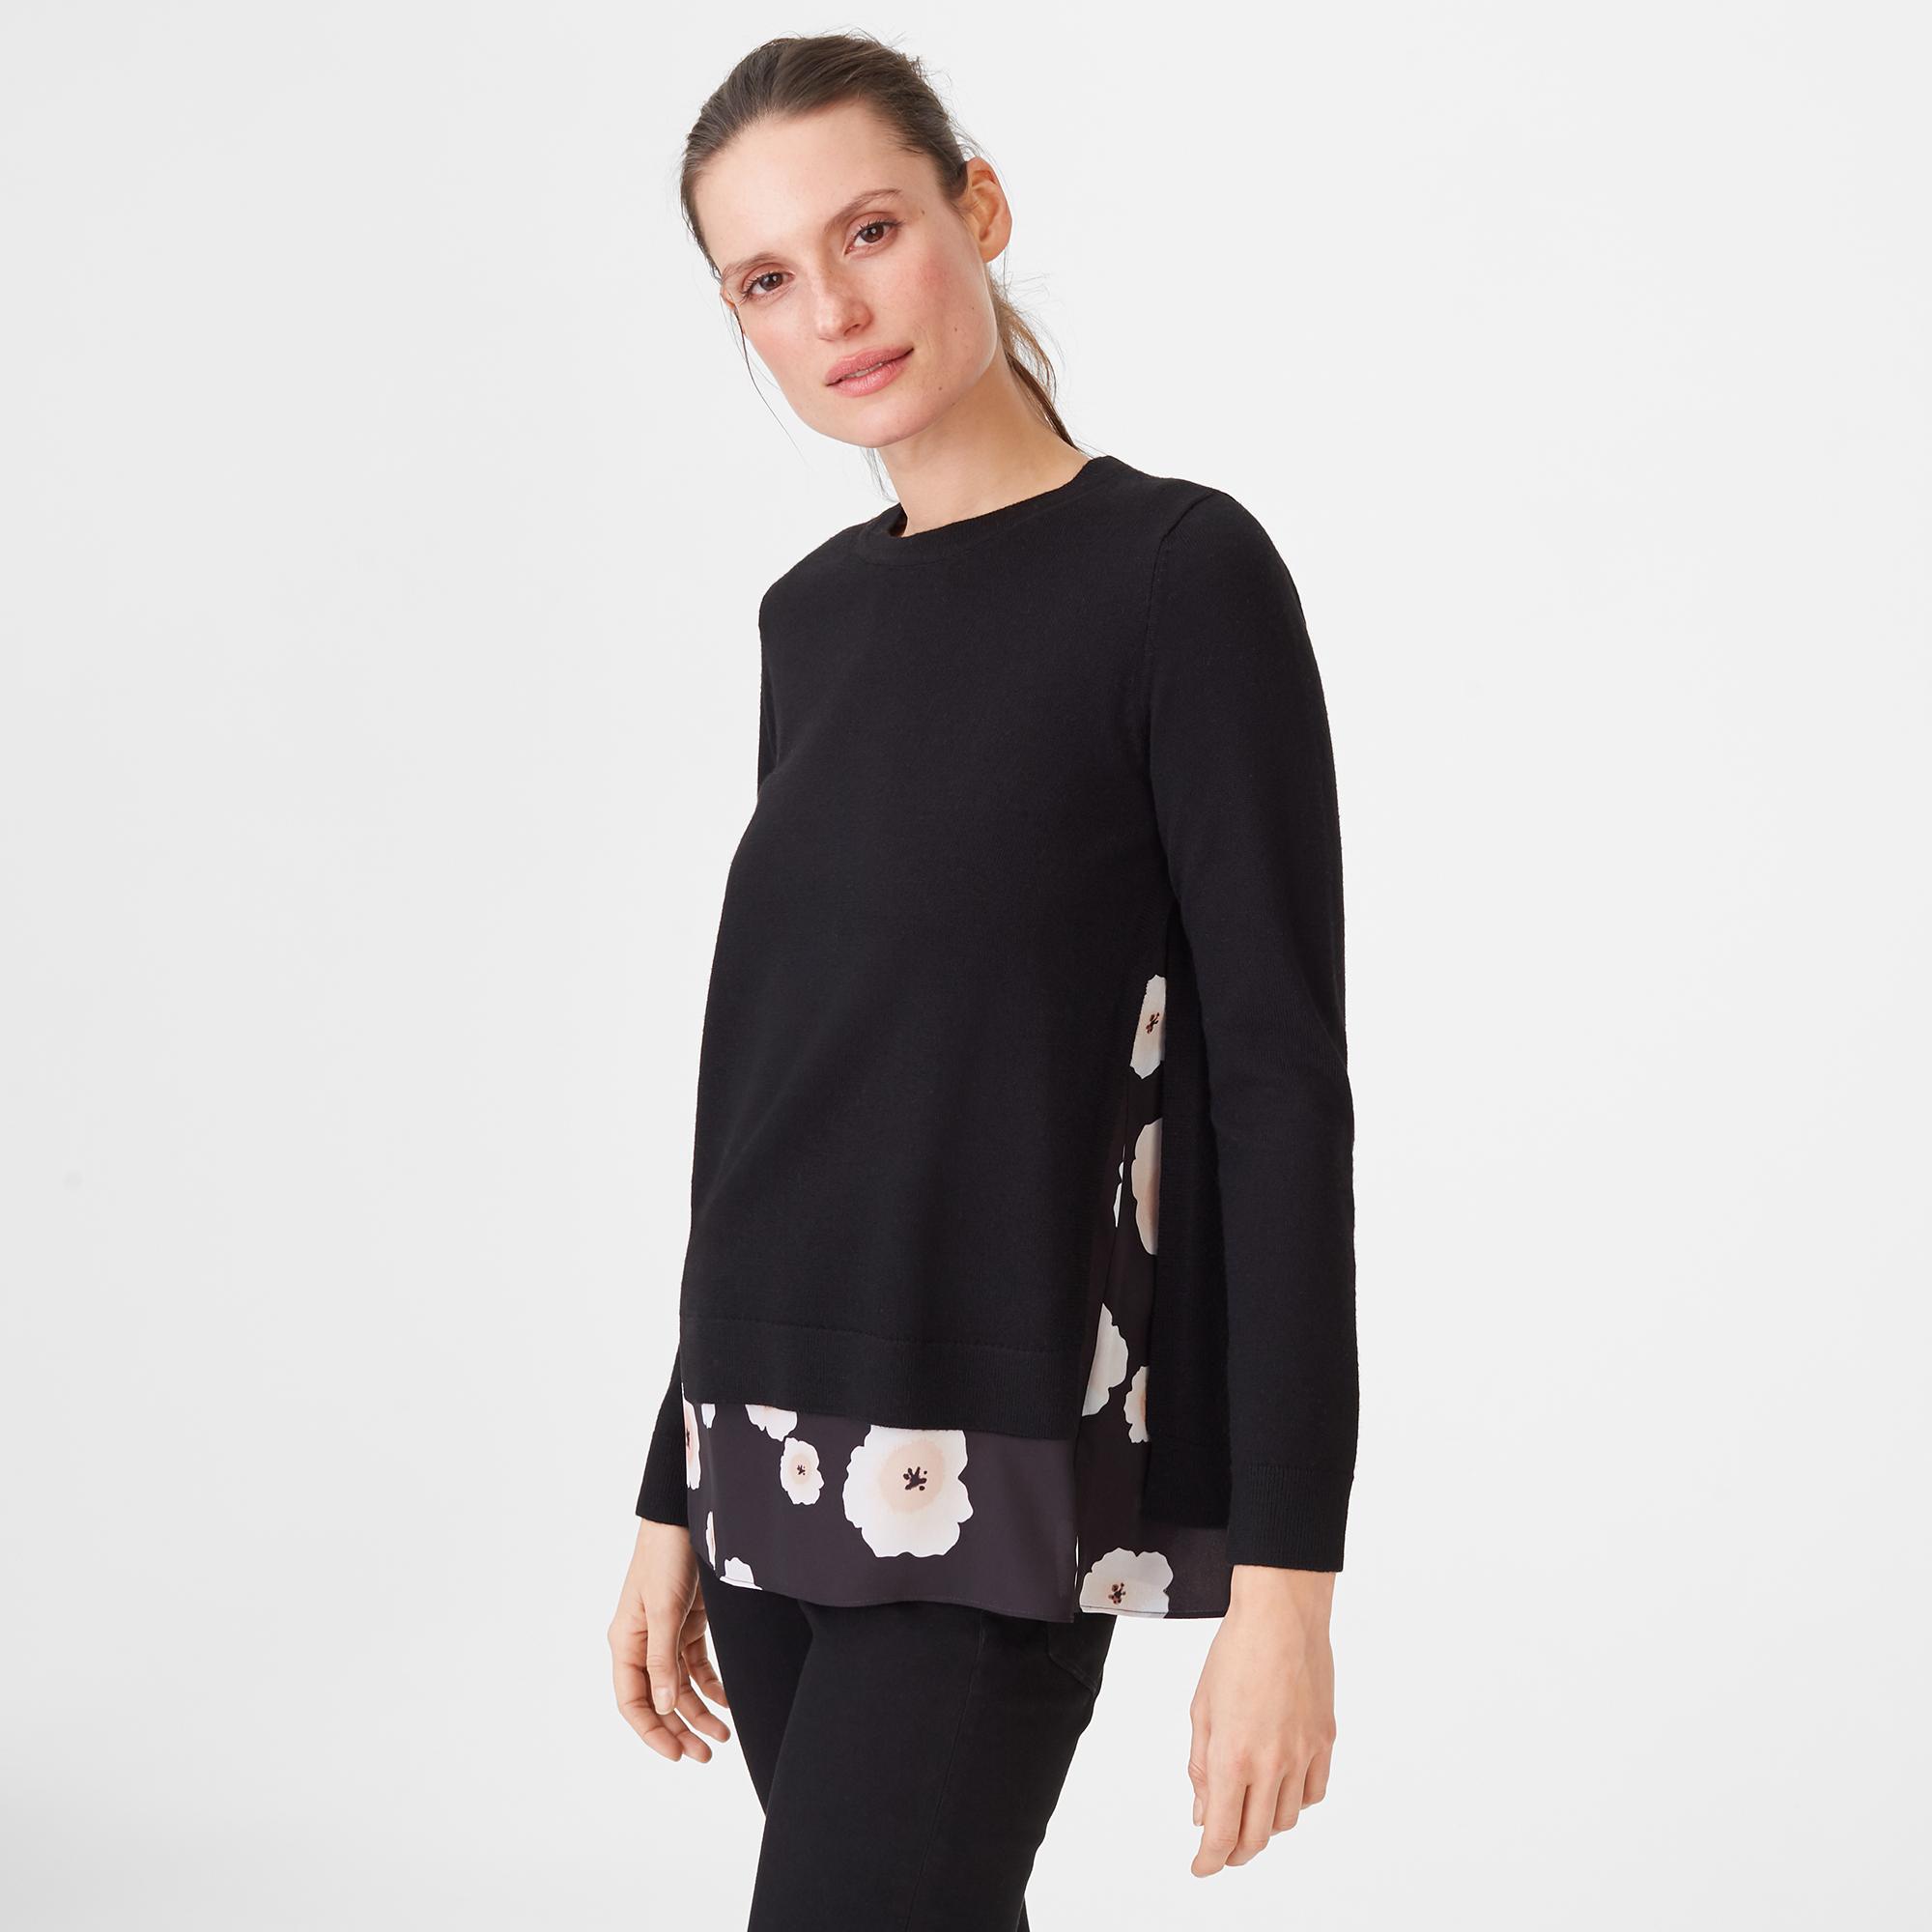 Petrah Merino Sweater   HK$1,890